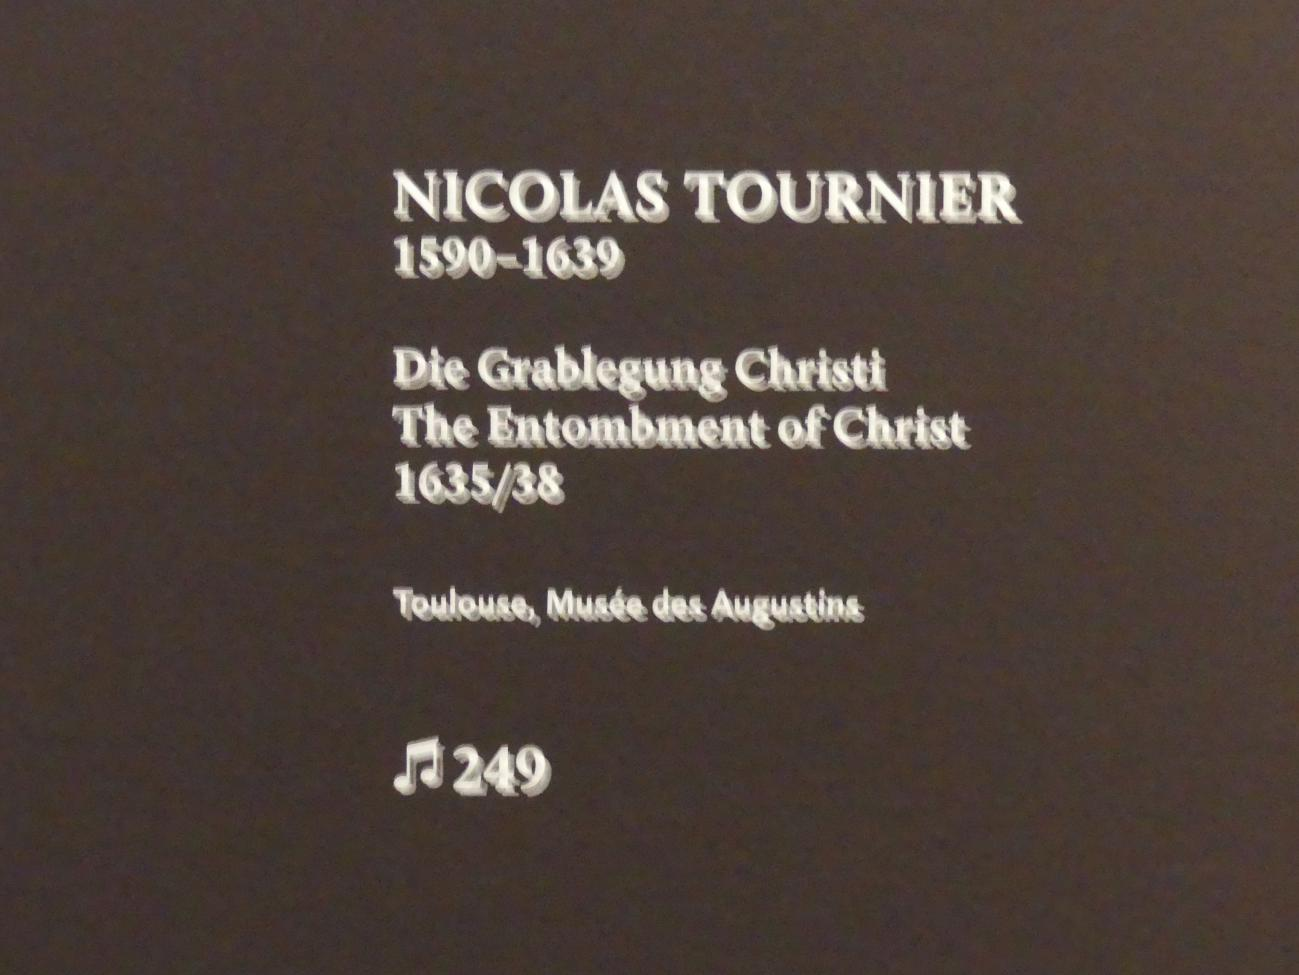 Nicolas Tournier: Die Grablegung Christi, 1635 - 1638, Bild 2/2